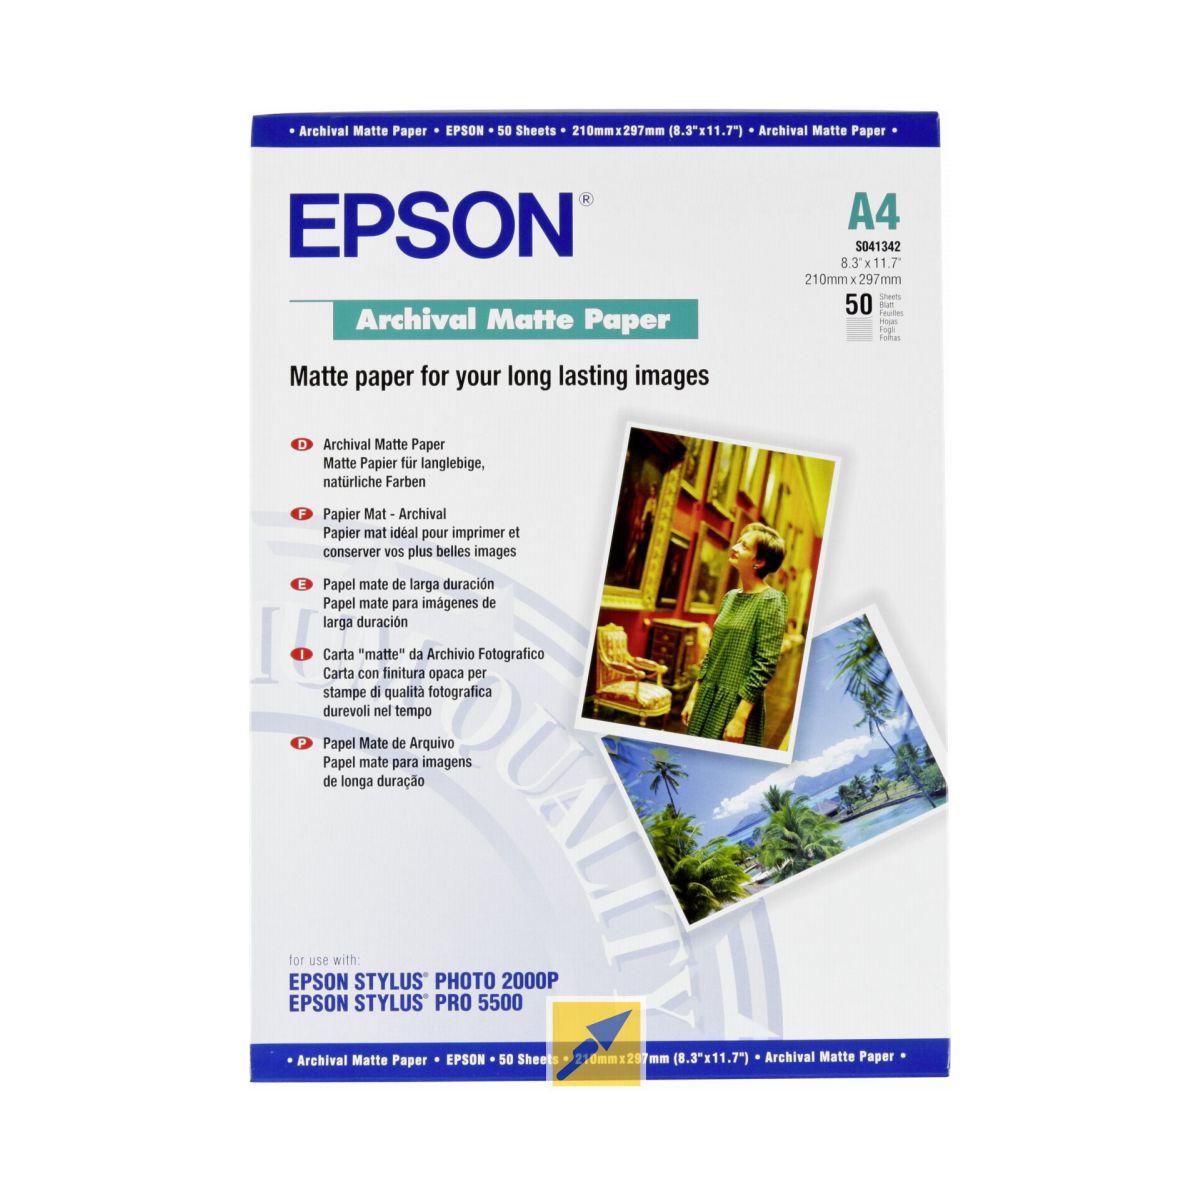 Papier photo epson mat archival a4 50 feuilles 192g - produit coup de coeur webdistrib.com ! (photo)